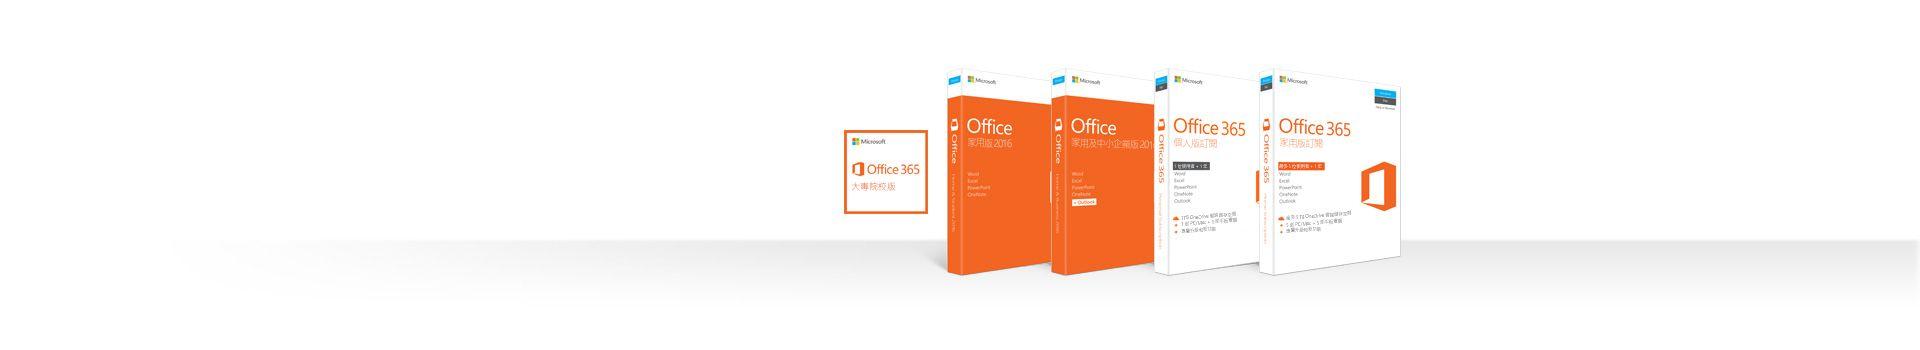 代表 Mac 版 Office 訂閱和獨立產品的方格列